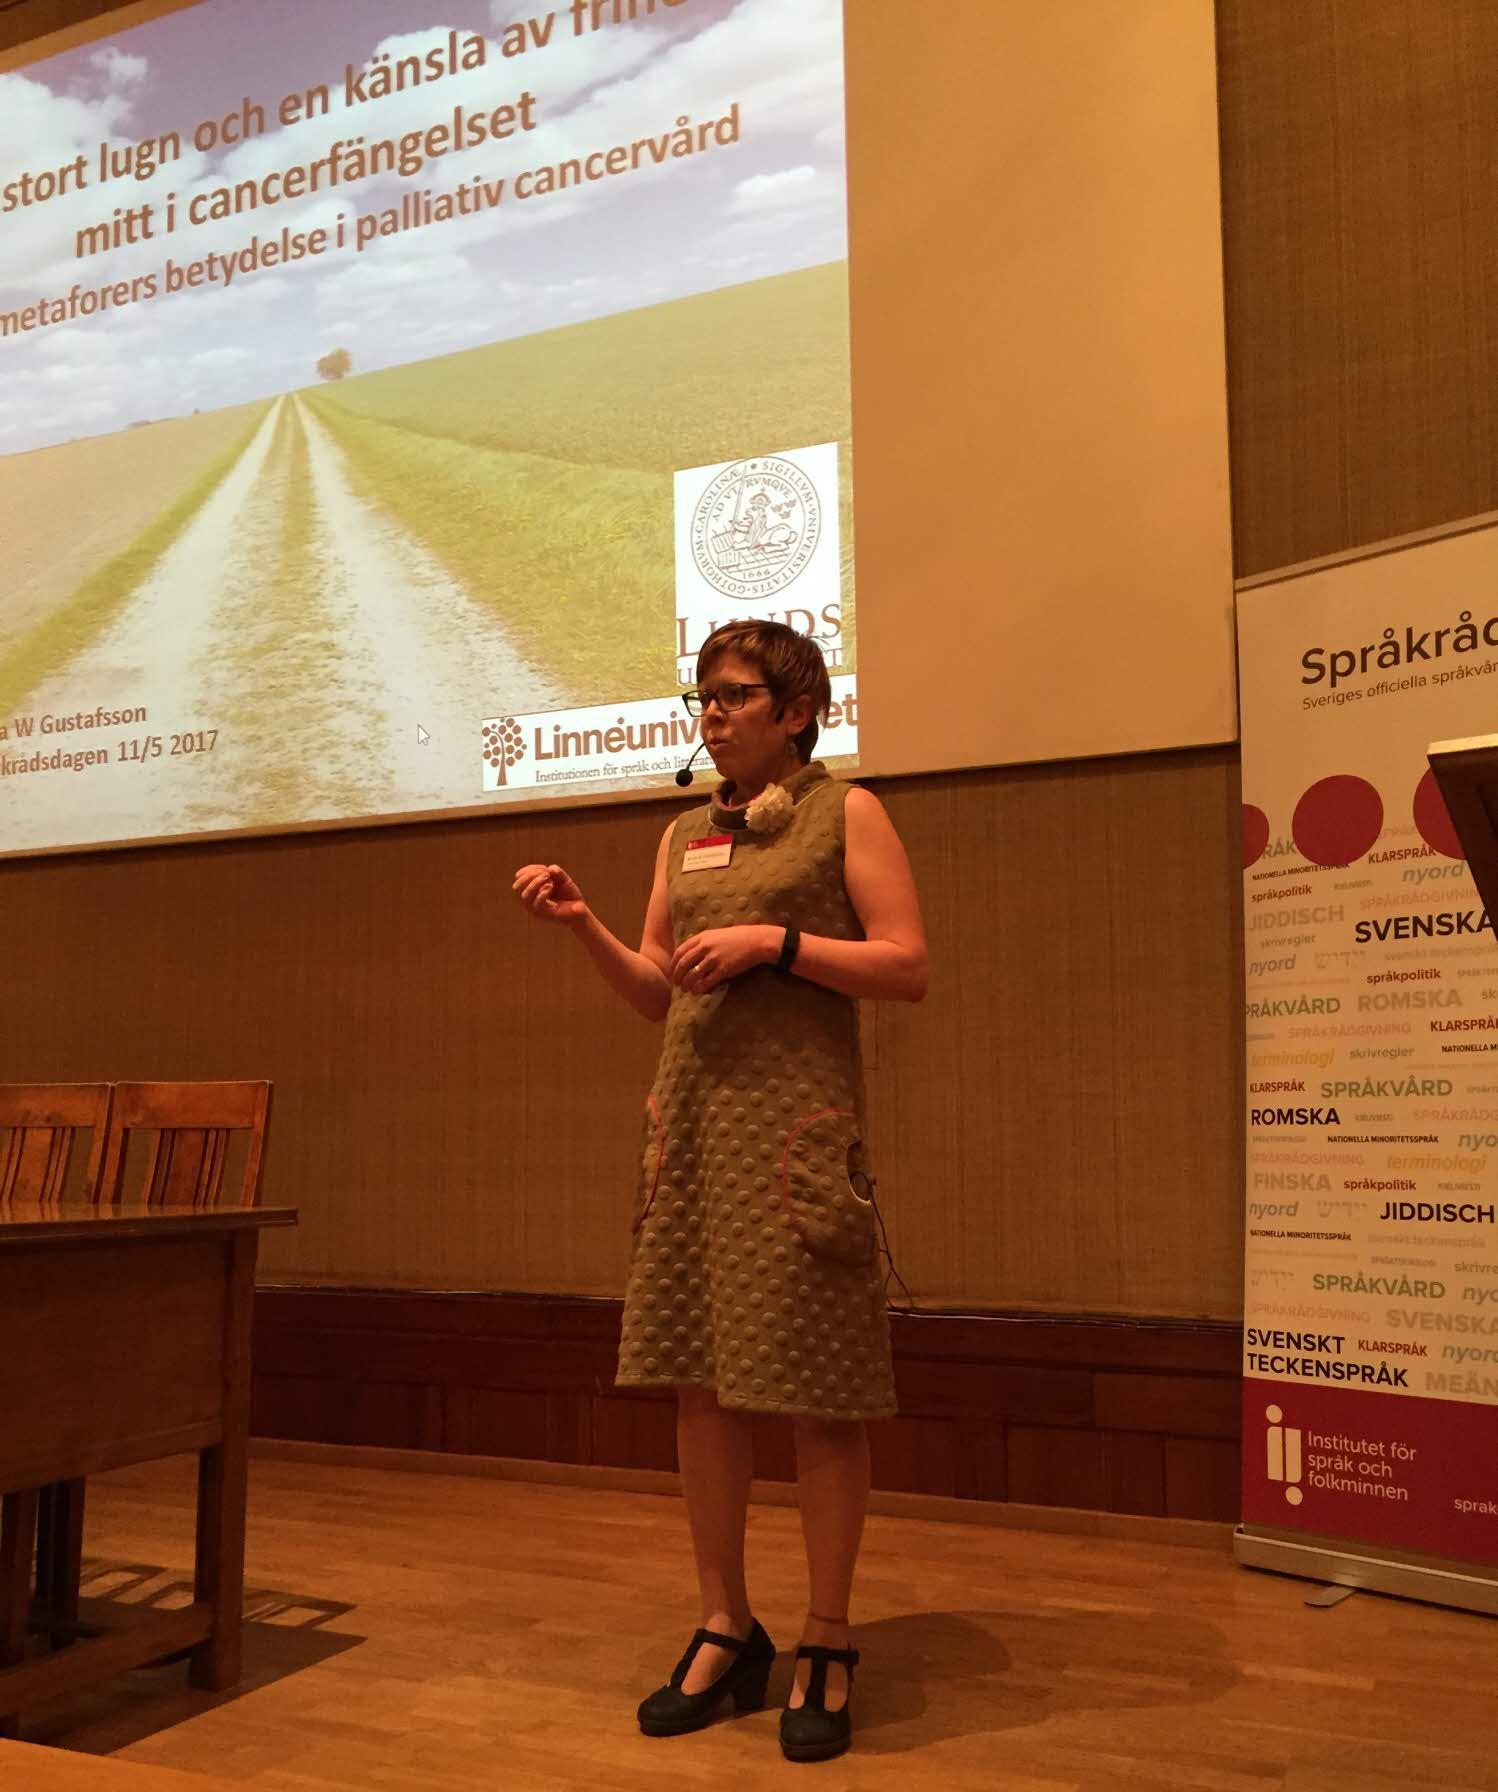 Anna W Gustafsson håller föreläsning